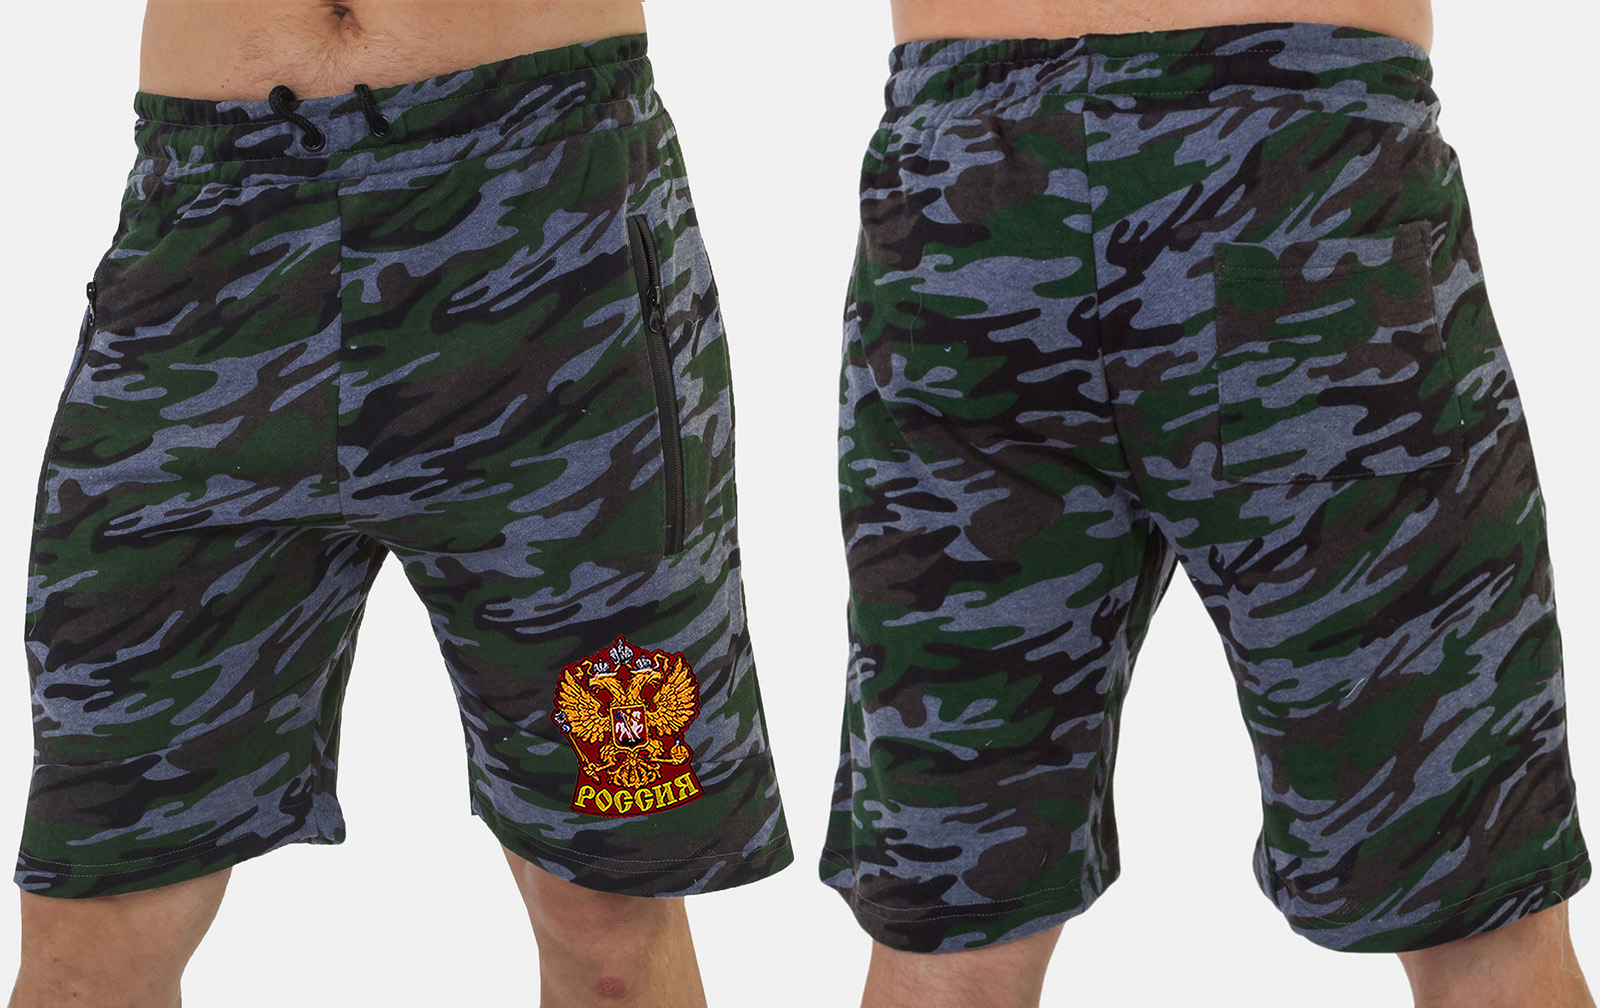 Камуфляжные мужские шорты с карманами и нашивкой Россия - купить с доставкой